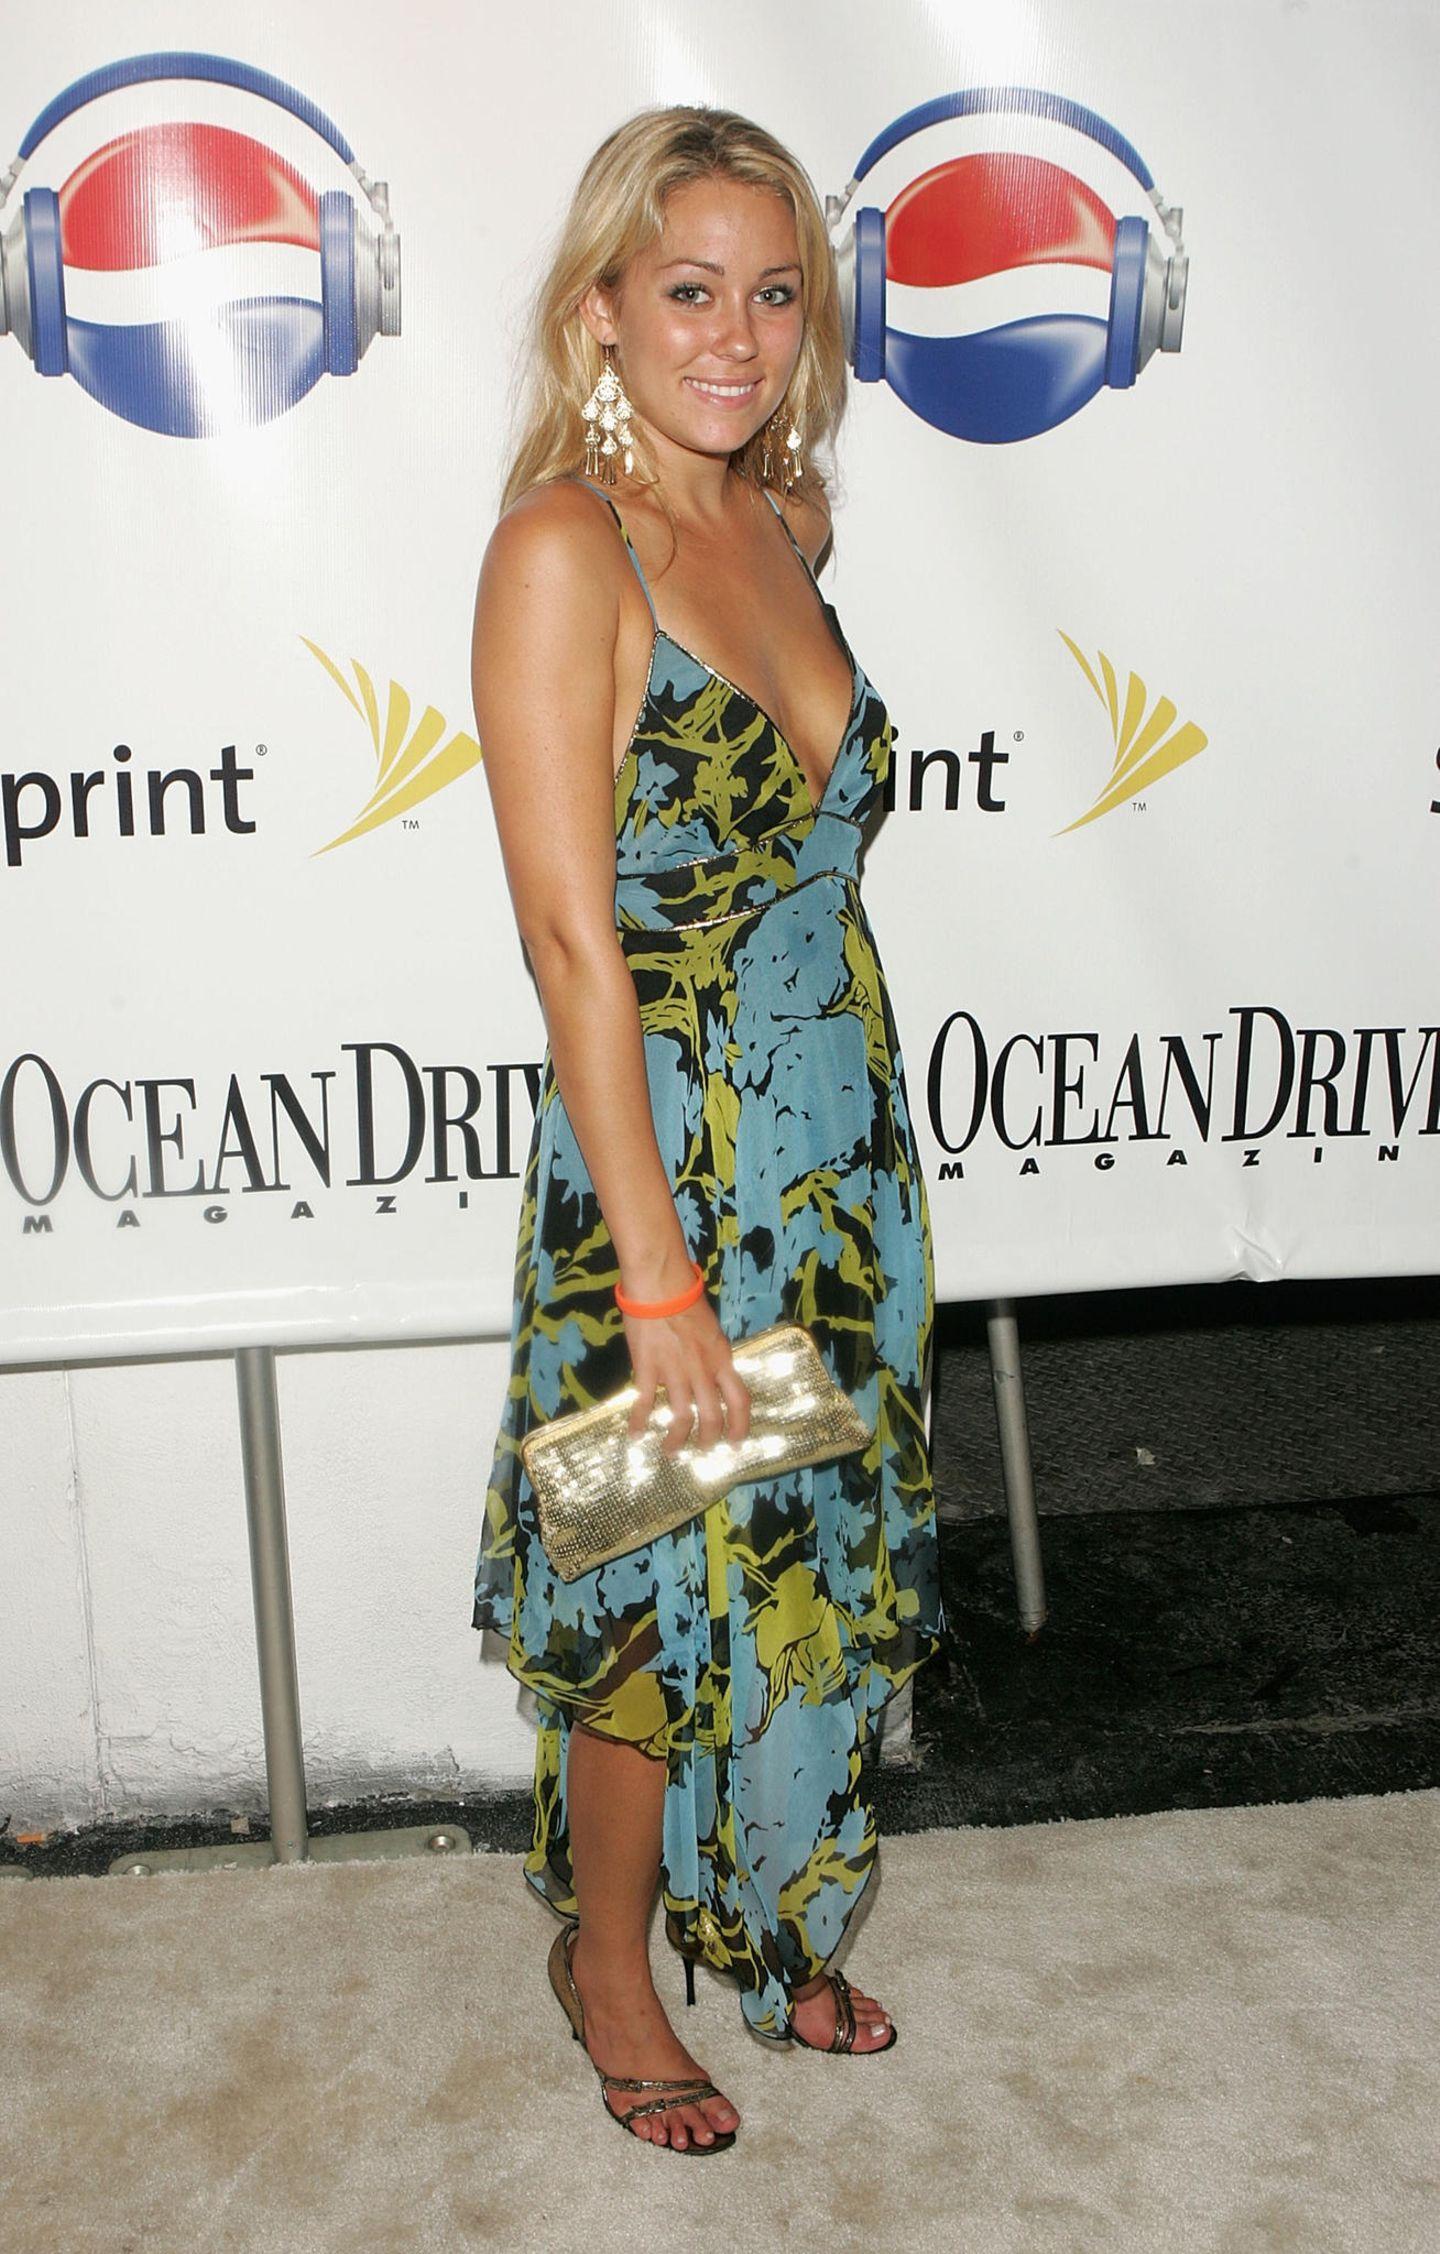 Bei den Video Music Awards 2005 in Miami erscheint Lauren Conrad zur After-Show-Party in einem floralen Beach-Kleid, auffälligen Ohrringen und einer paillettenbesetzten Clutch. Zwischen diesem und dem nächsten Bild liegen 13 Jahre ...